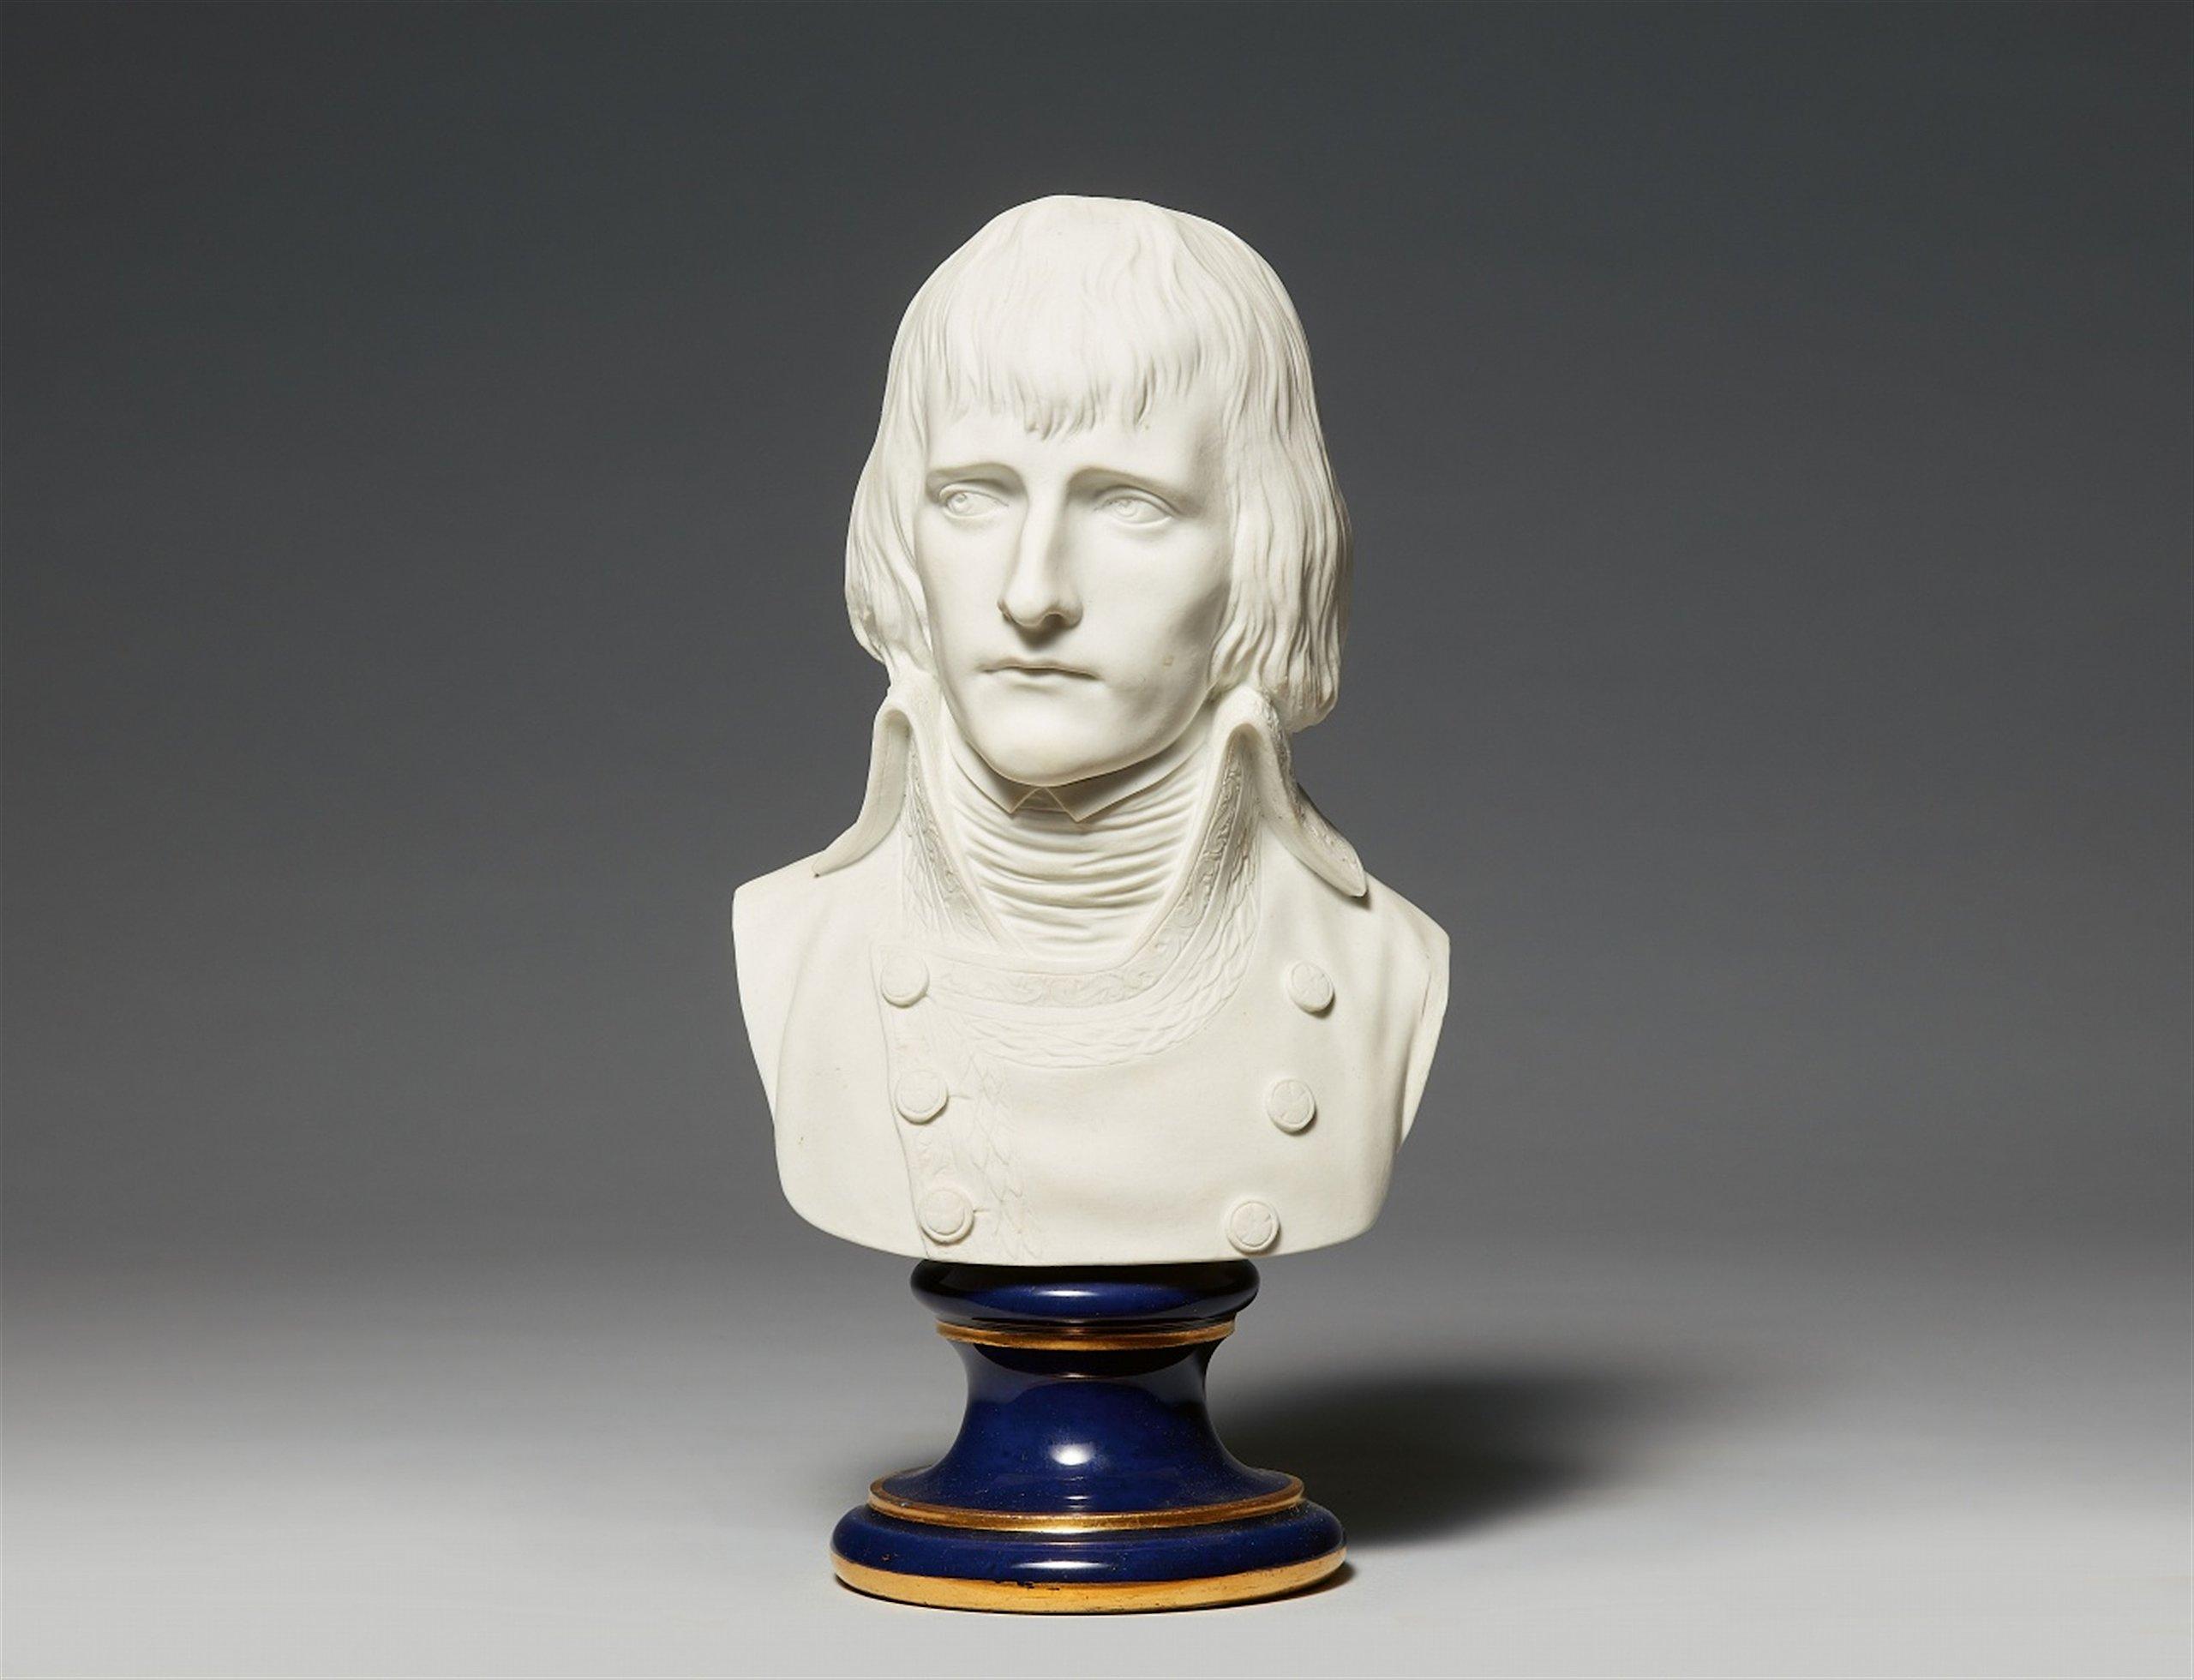 Buste de Napoléon en porcelaine de Sèvres, 1793, probablement d'après un modèle de Louis Simon Boizot, image © Lempertz